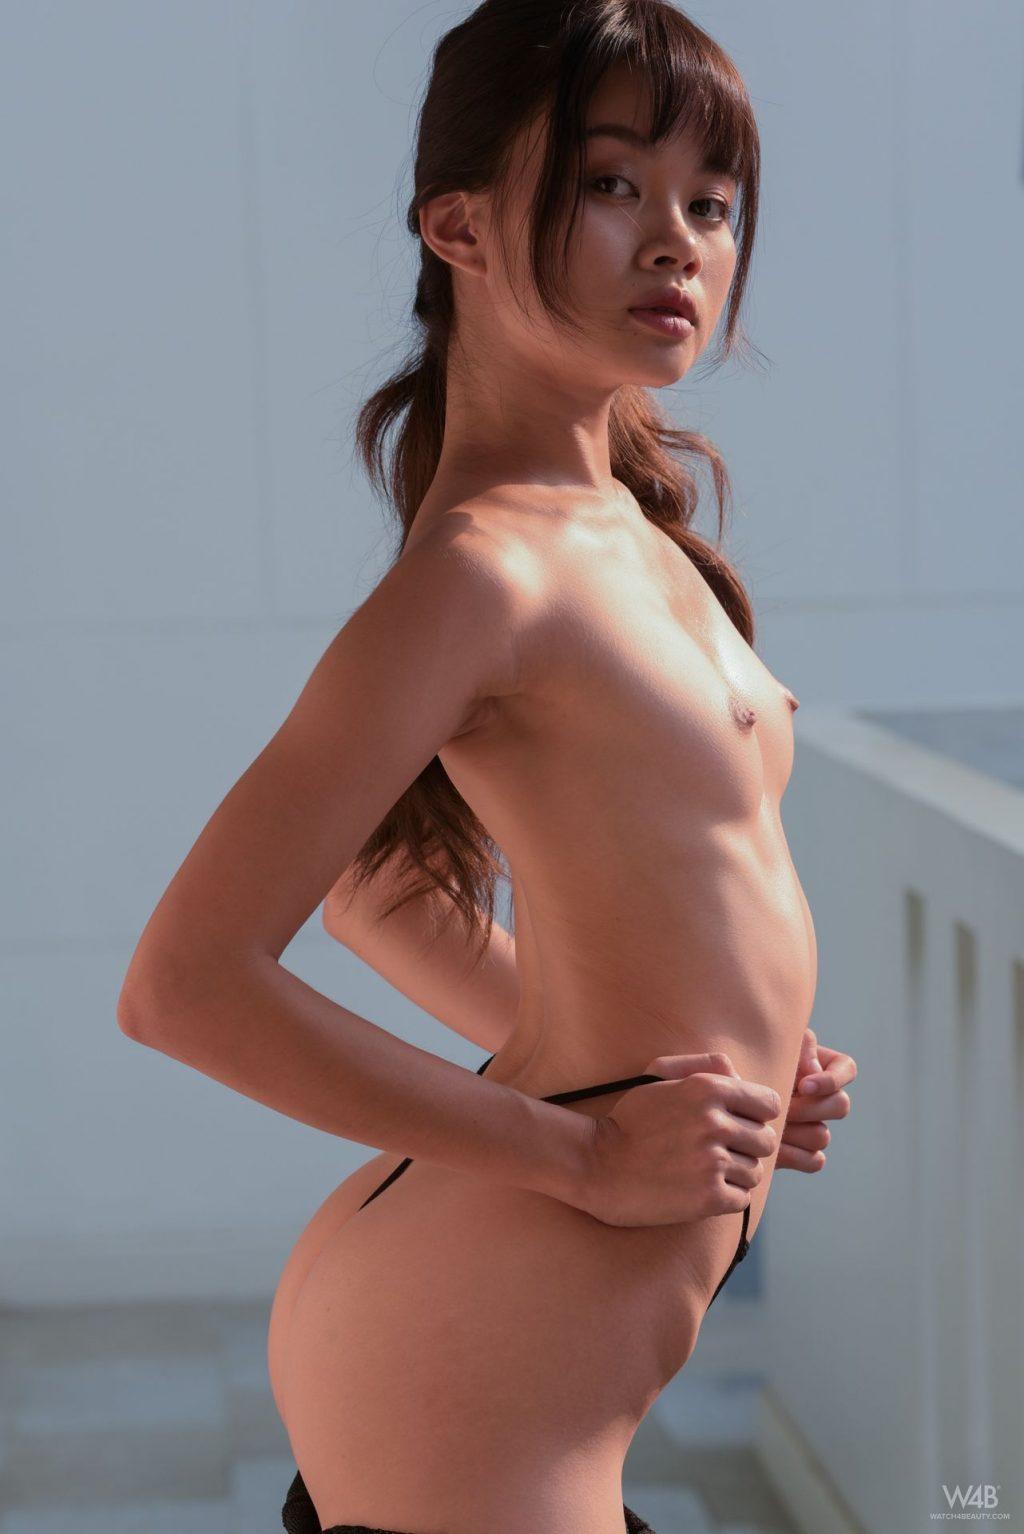 Lady Sowan Nude (11 Photos)